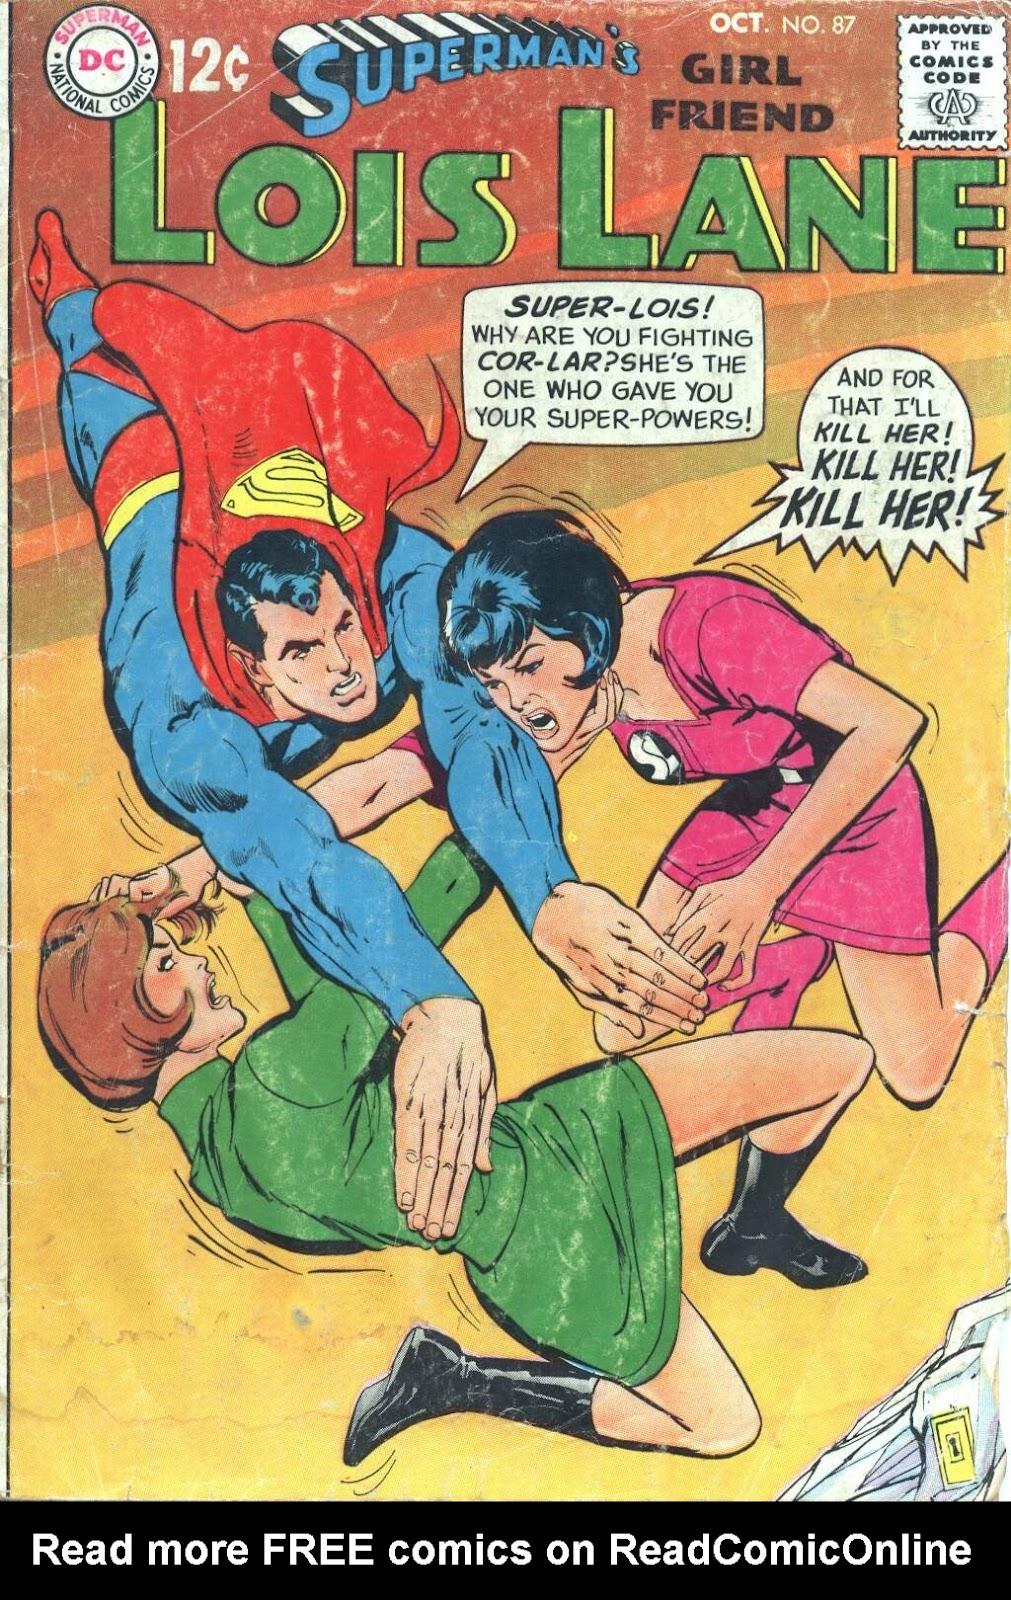 Supermans Girl Friend, Lois Lane 87 Page 1